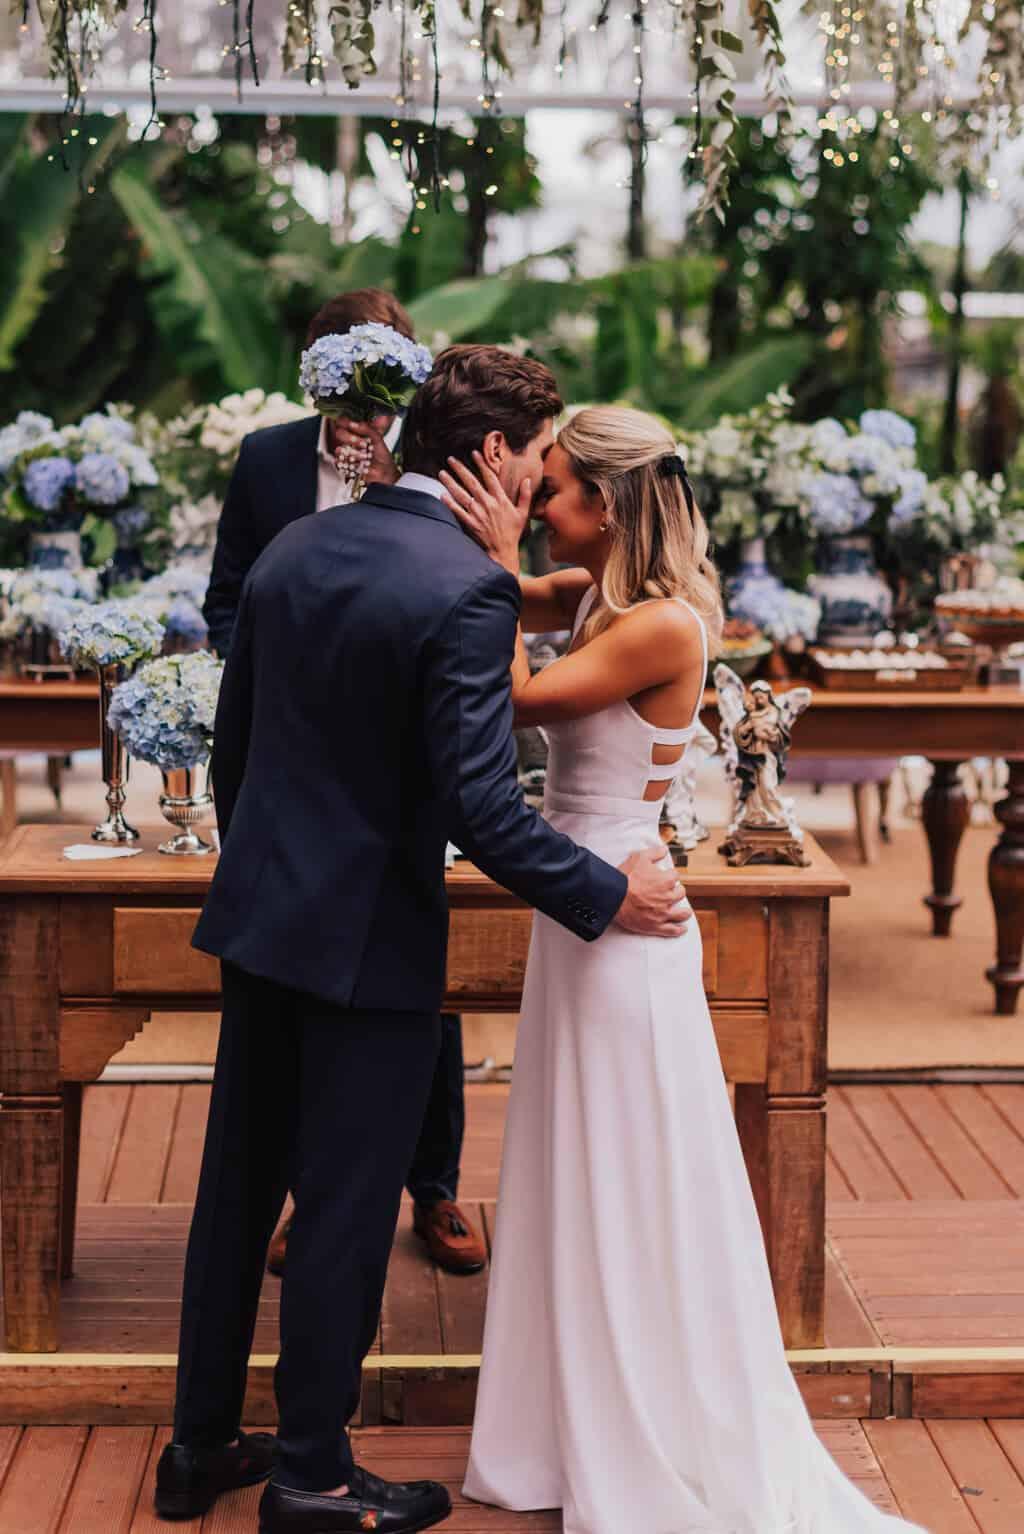 casamento-Maitê-e-Breno-cerimonia-no-jardim-Fotografia-Mana-Gollo-Hotel-Timbó-Park-noivos-no-altar48